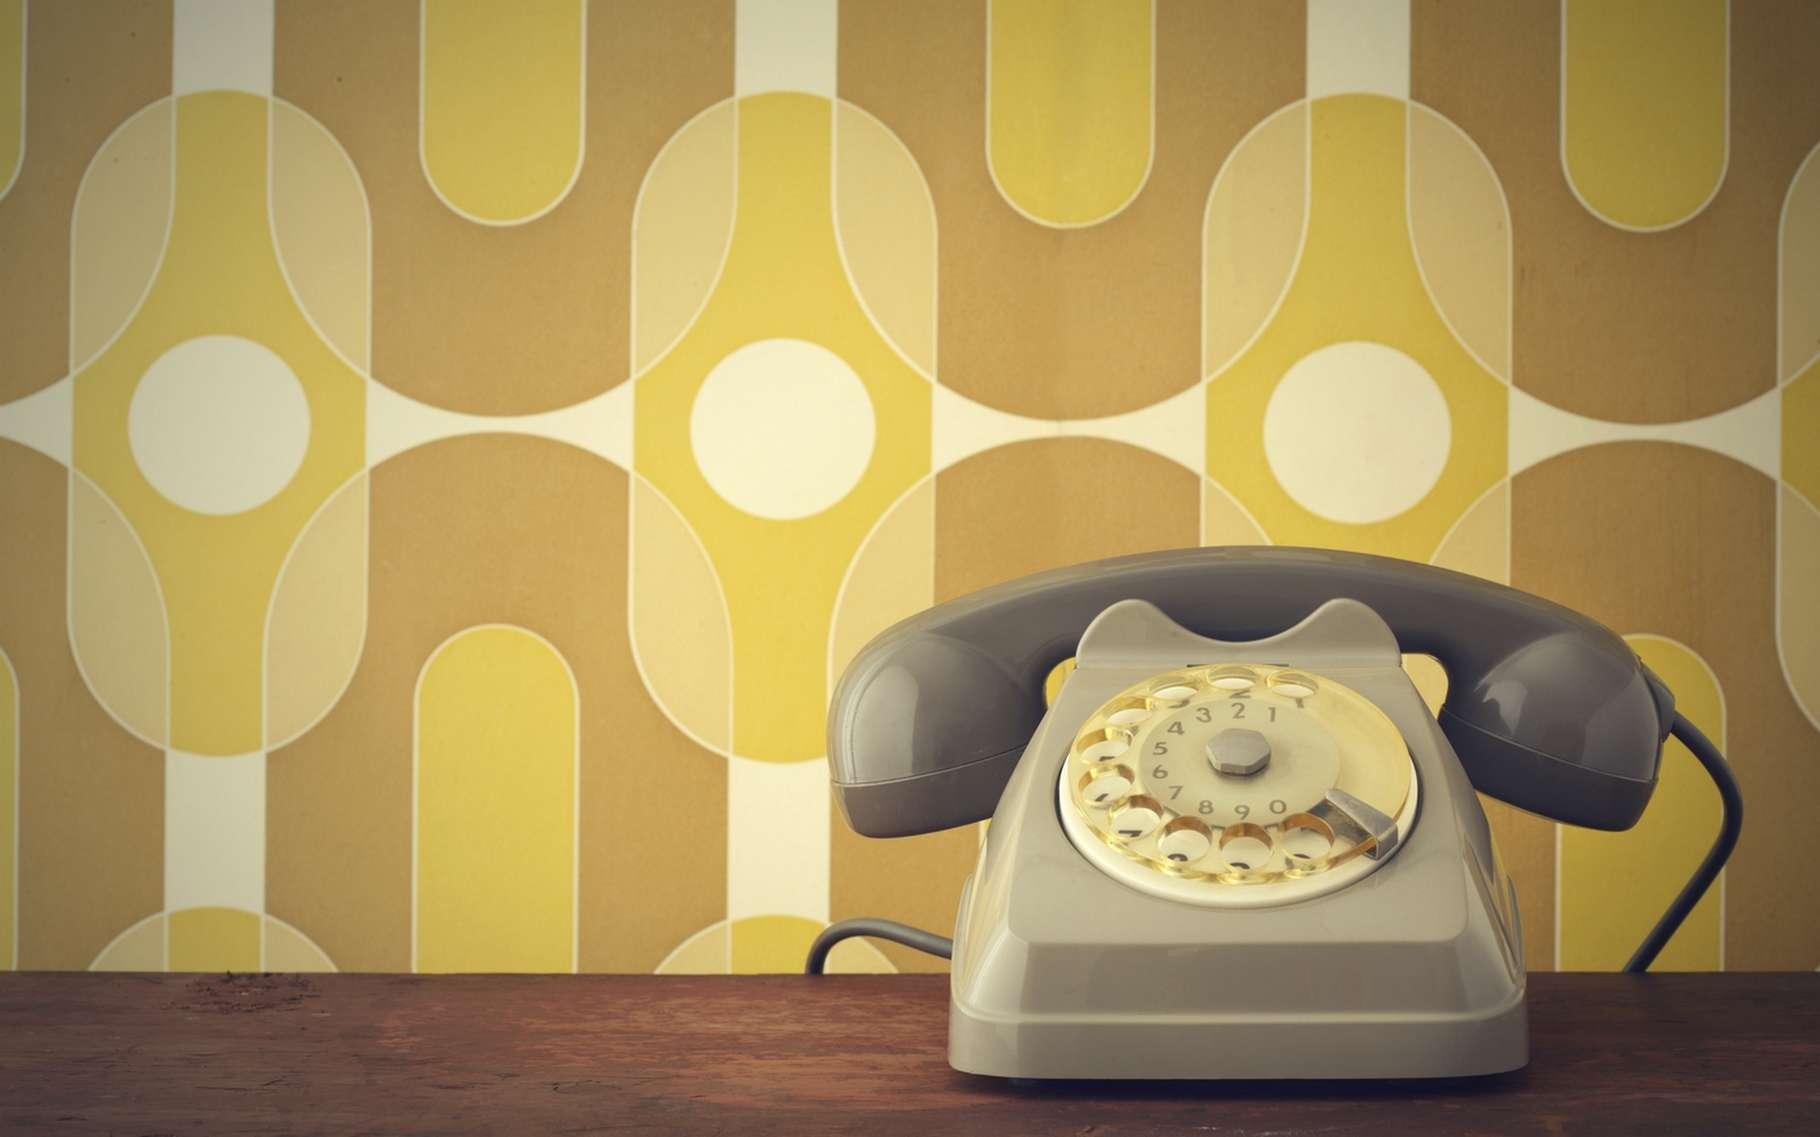 L'abandon des lignes téléphoniques RTC sera progressif, avec un préavis minimum de cinq ans pour les usagers afin de leur permettre de basculer vers des solutions alternatives. © Stokkete, Shutterstock